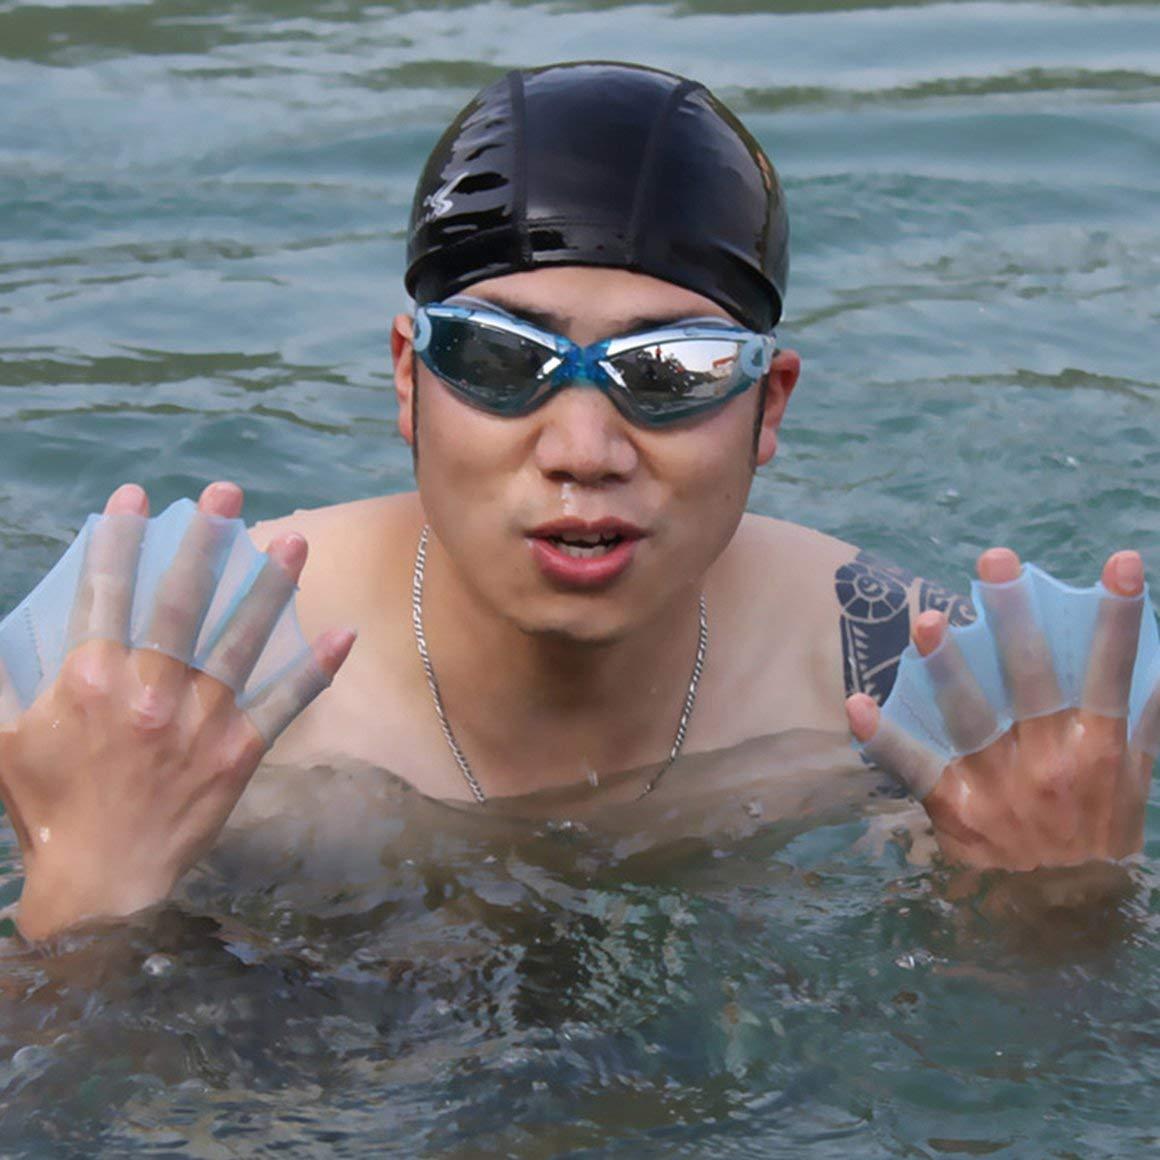 Funnyrunstore 1 par Hombres Adultos Silicona Suave Aletas de nataci/ón Aletas Rana Mano Nadar palmada Guante Multi tama/ño Entrenamiento Paleta Buceo /útil